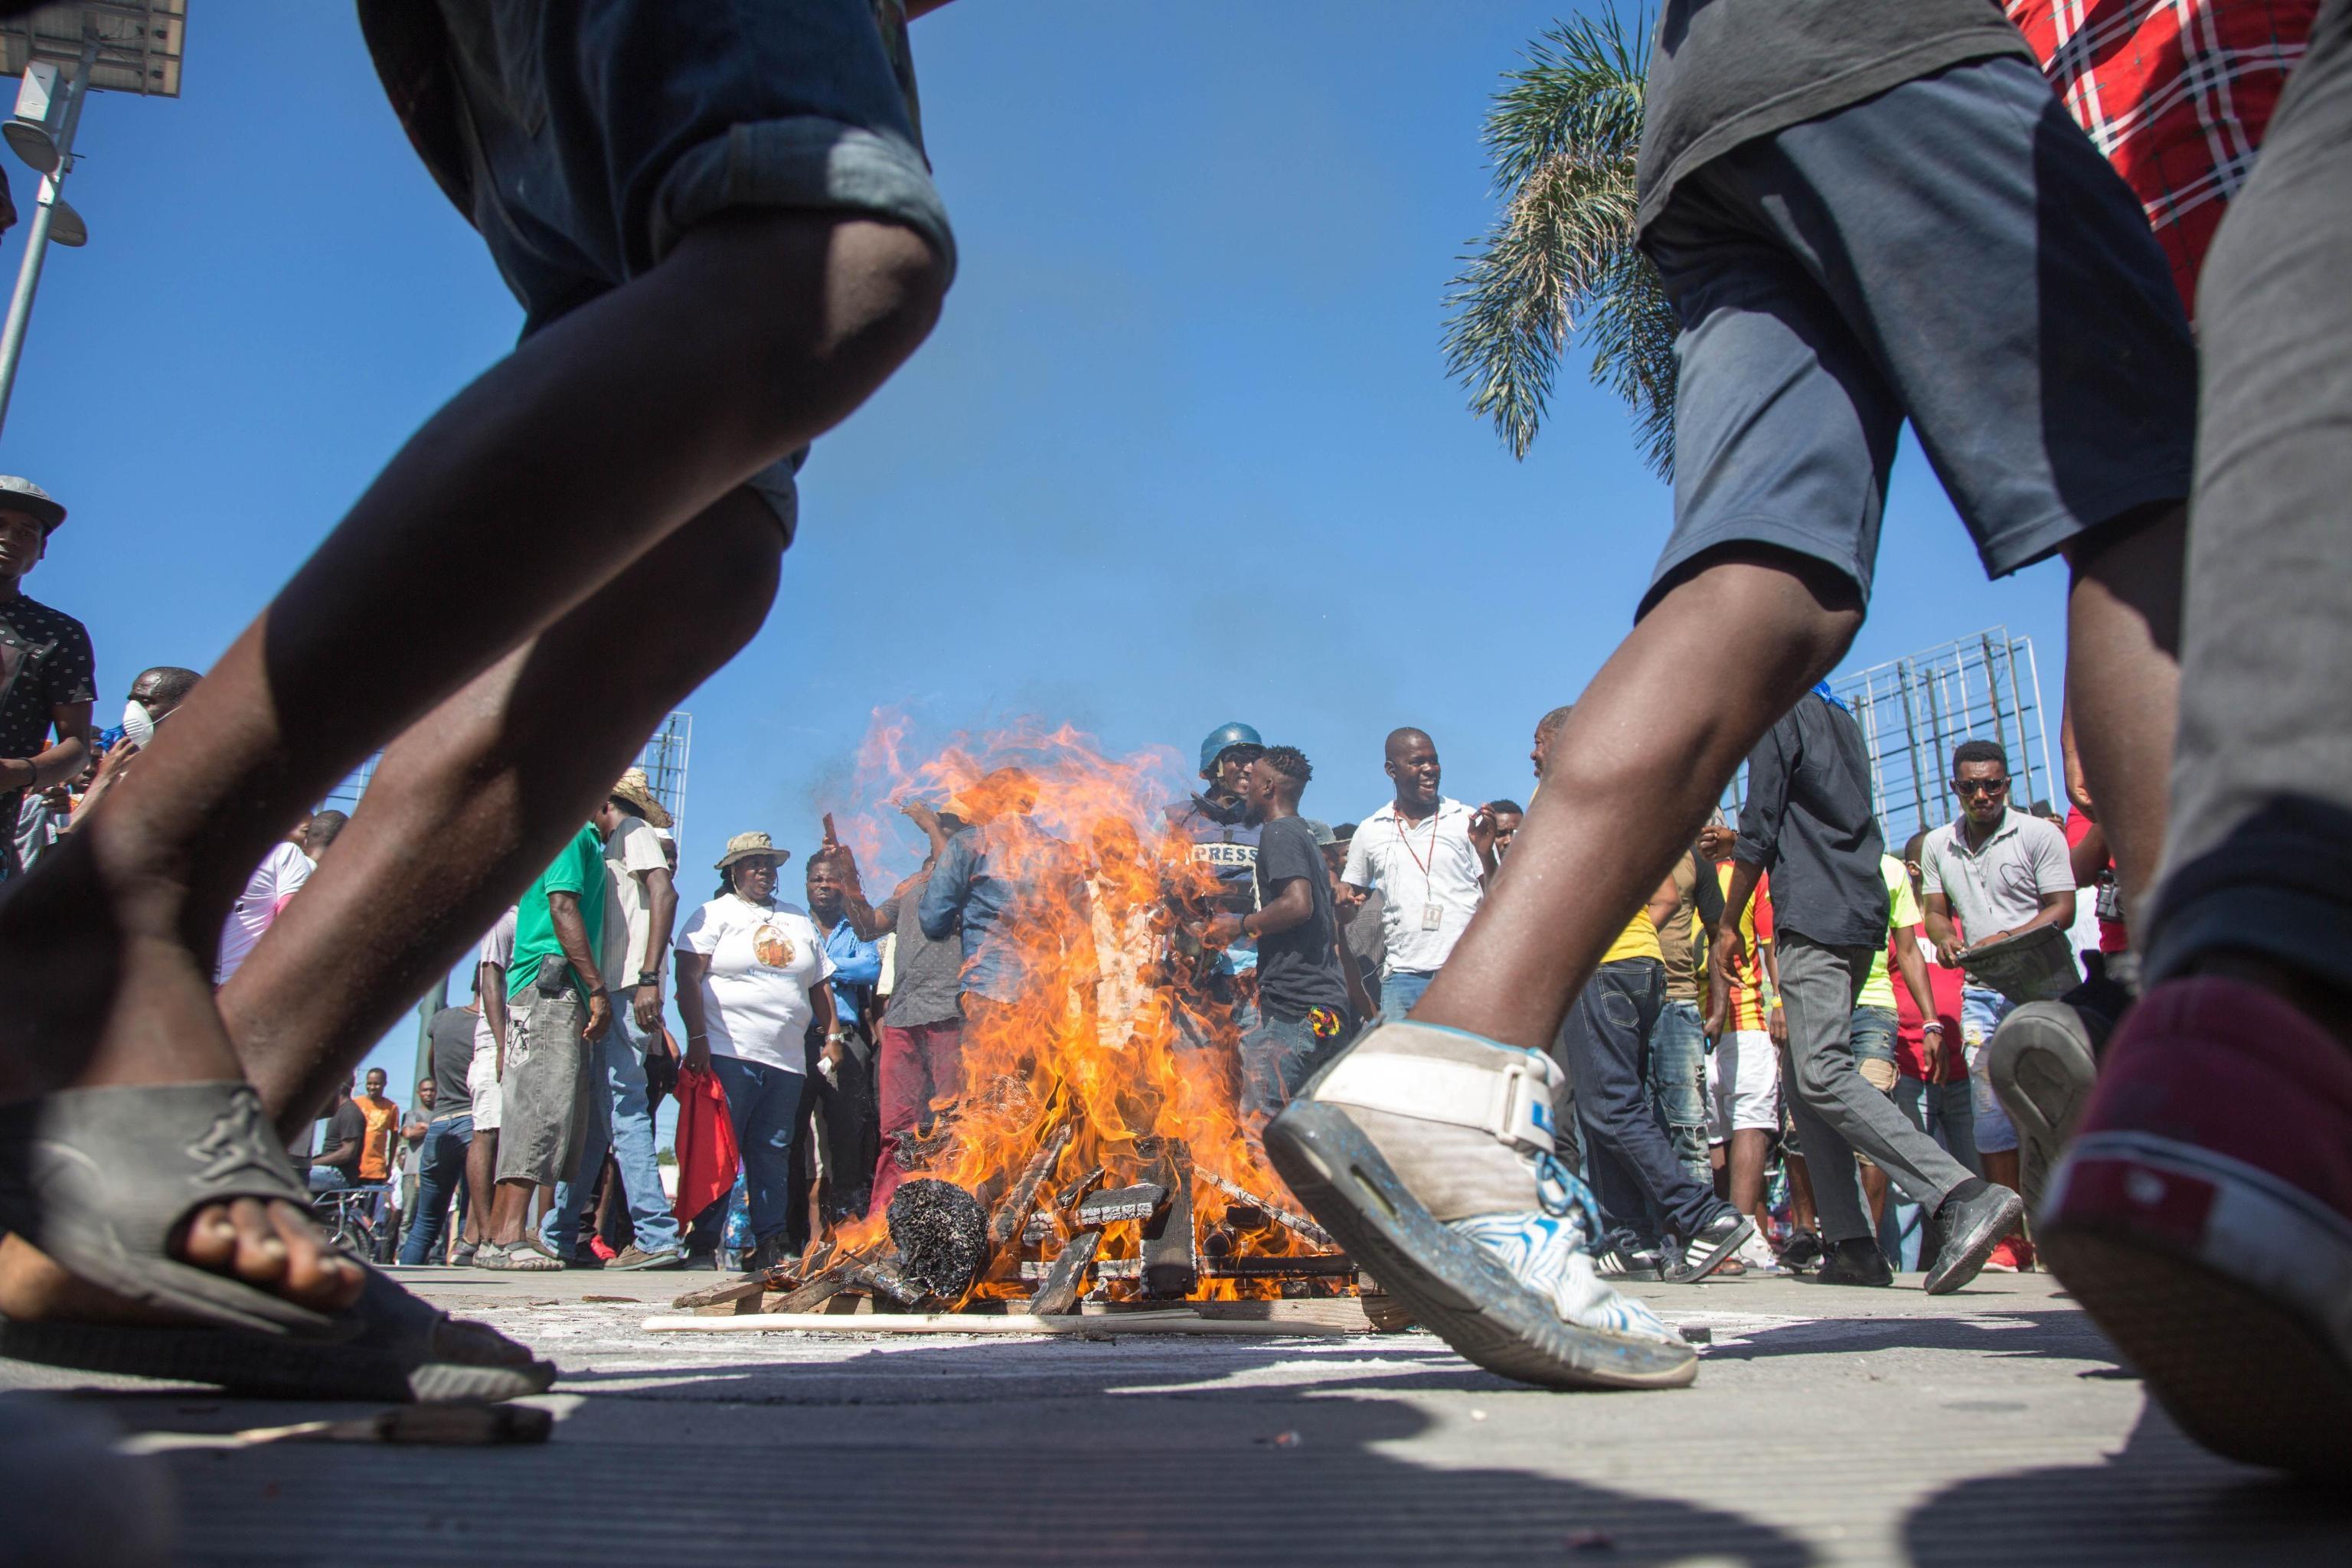 Alcune persone danzano intorno alle barricate infuocate